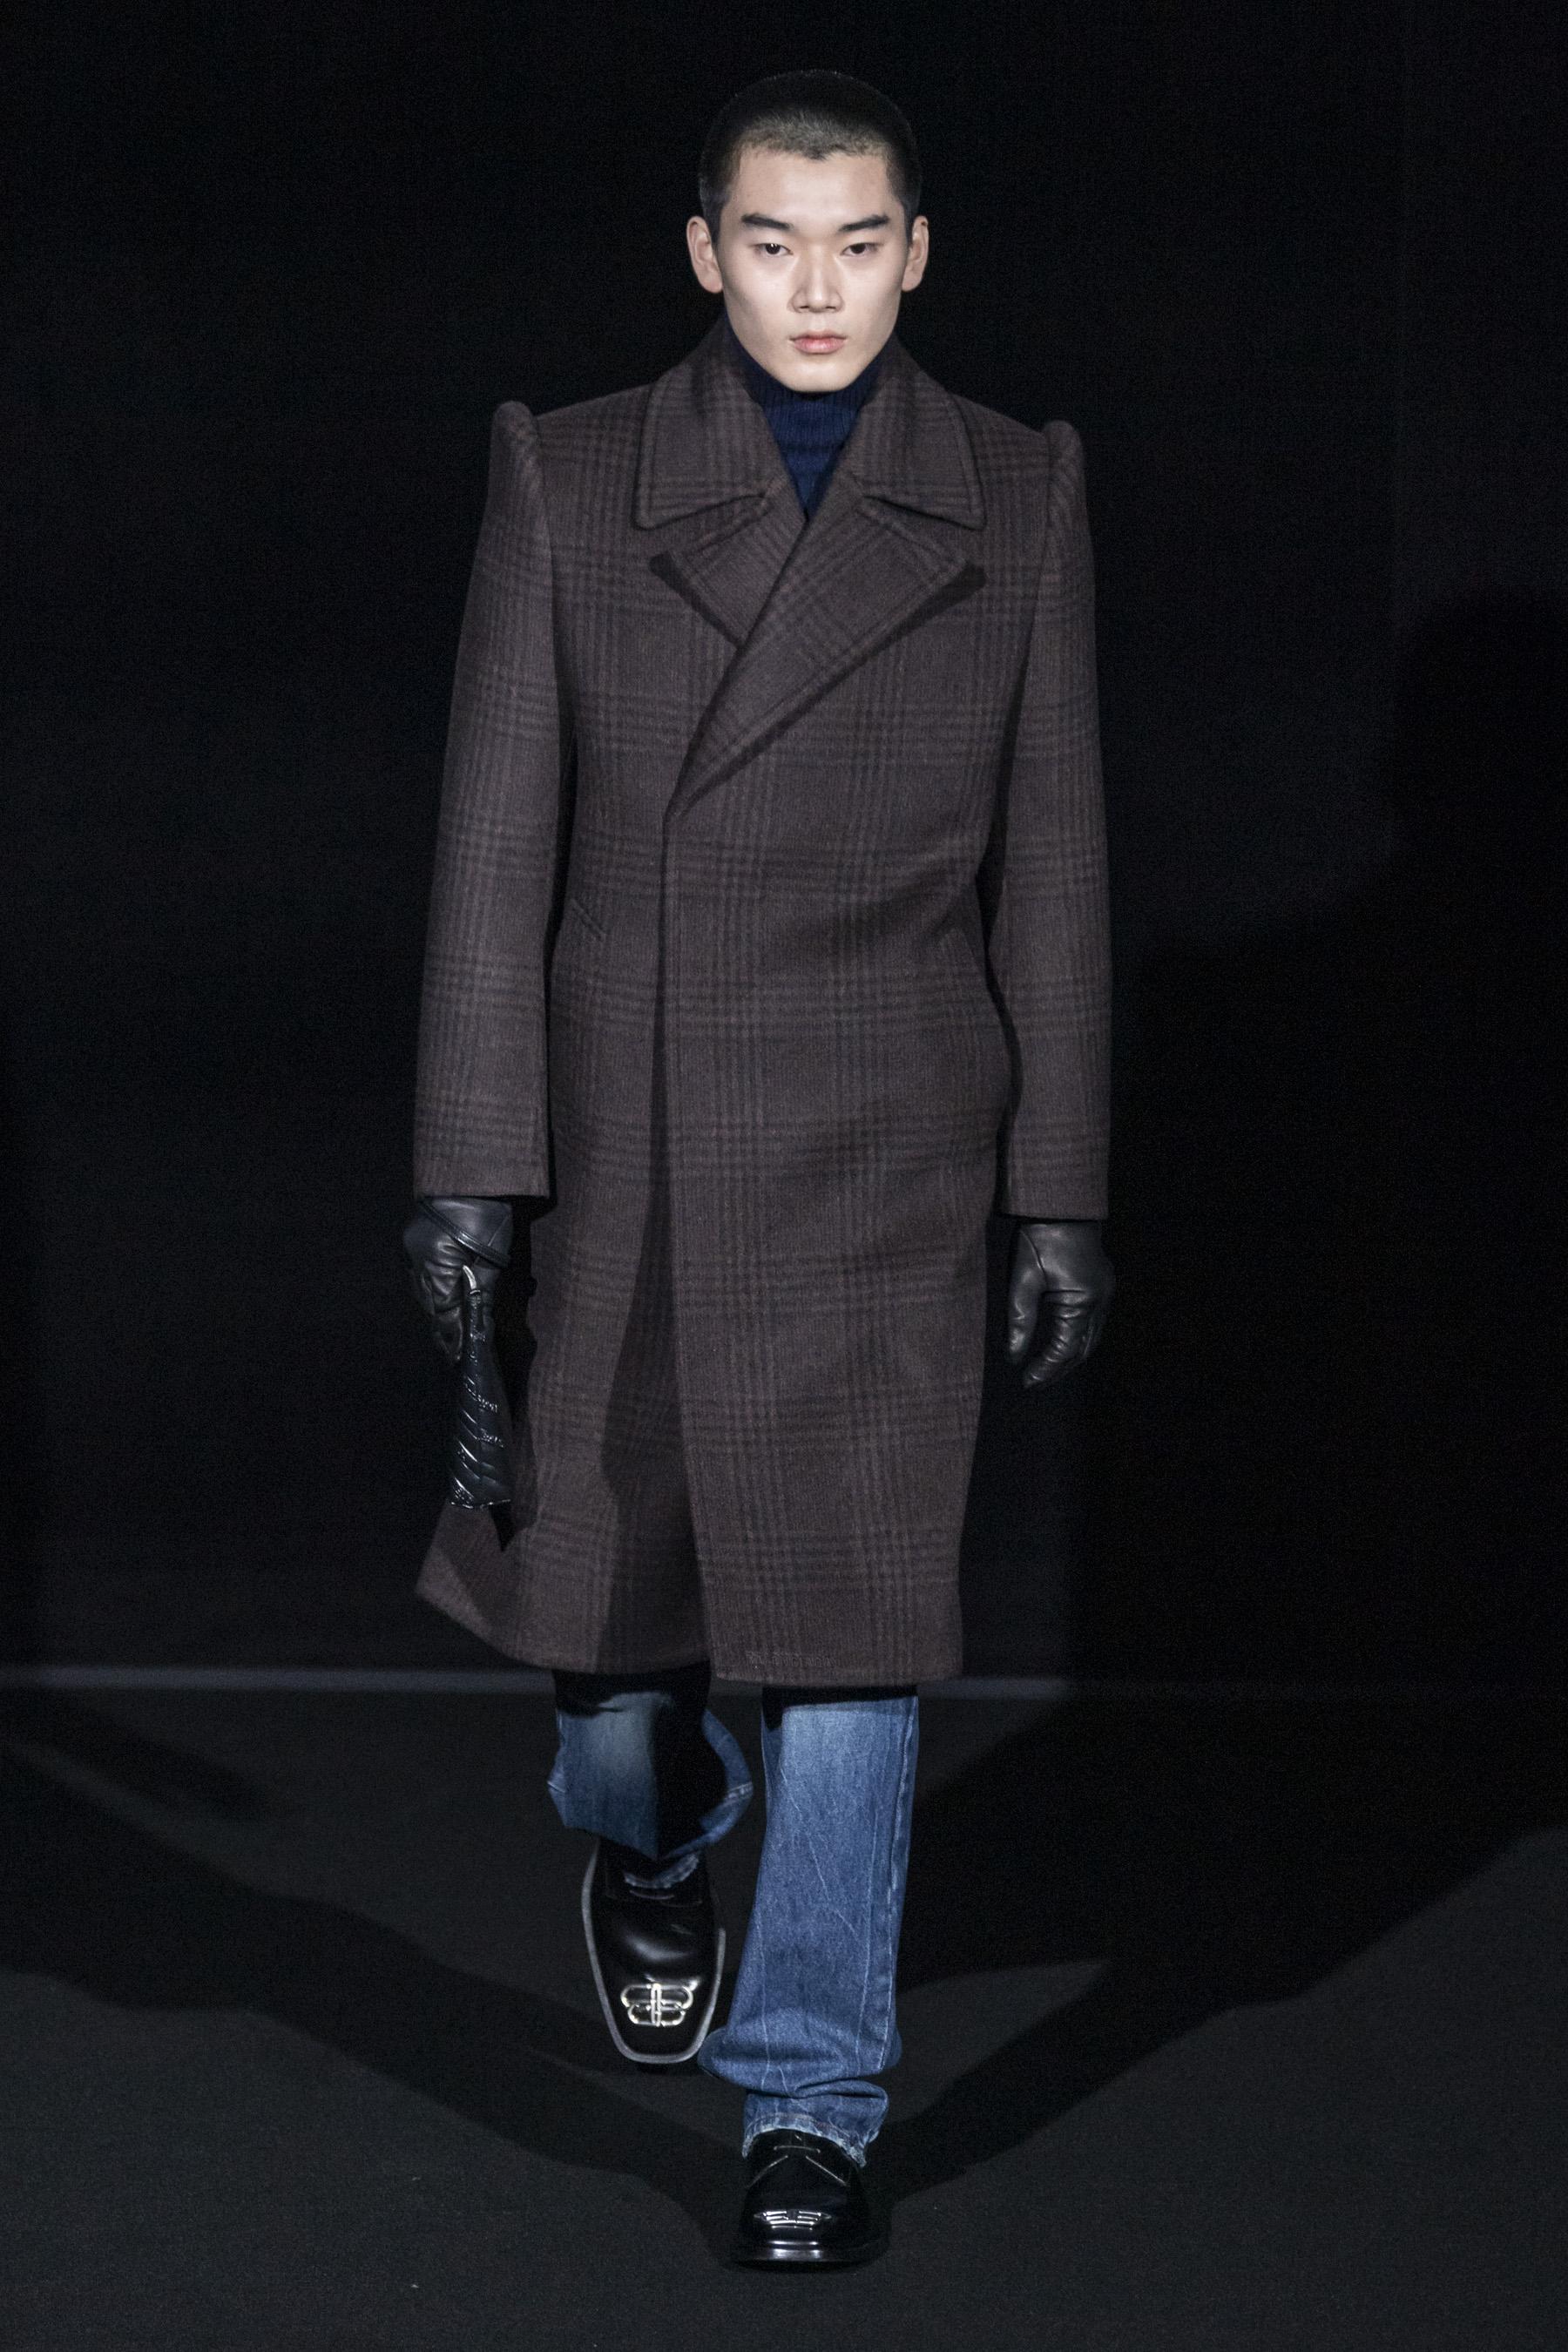 20cea60094e Défilé Balenciaga automne-hiver 2019-2020 Prêt-à-porter - Madame Figaro